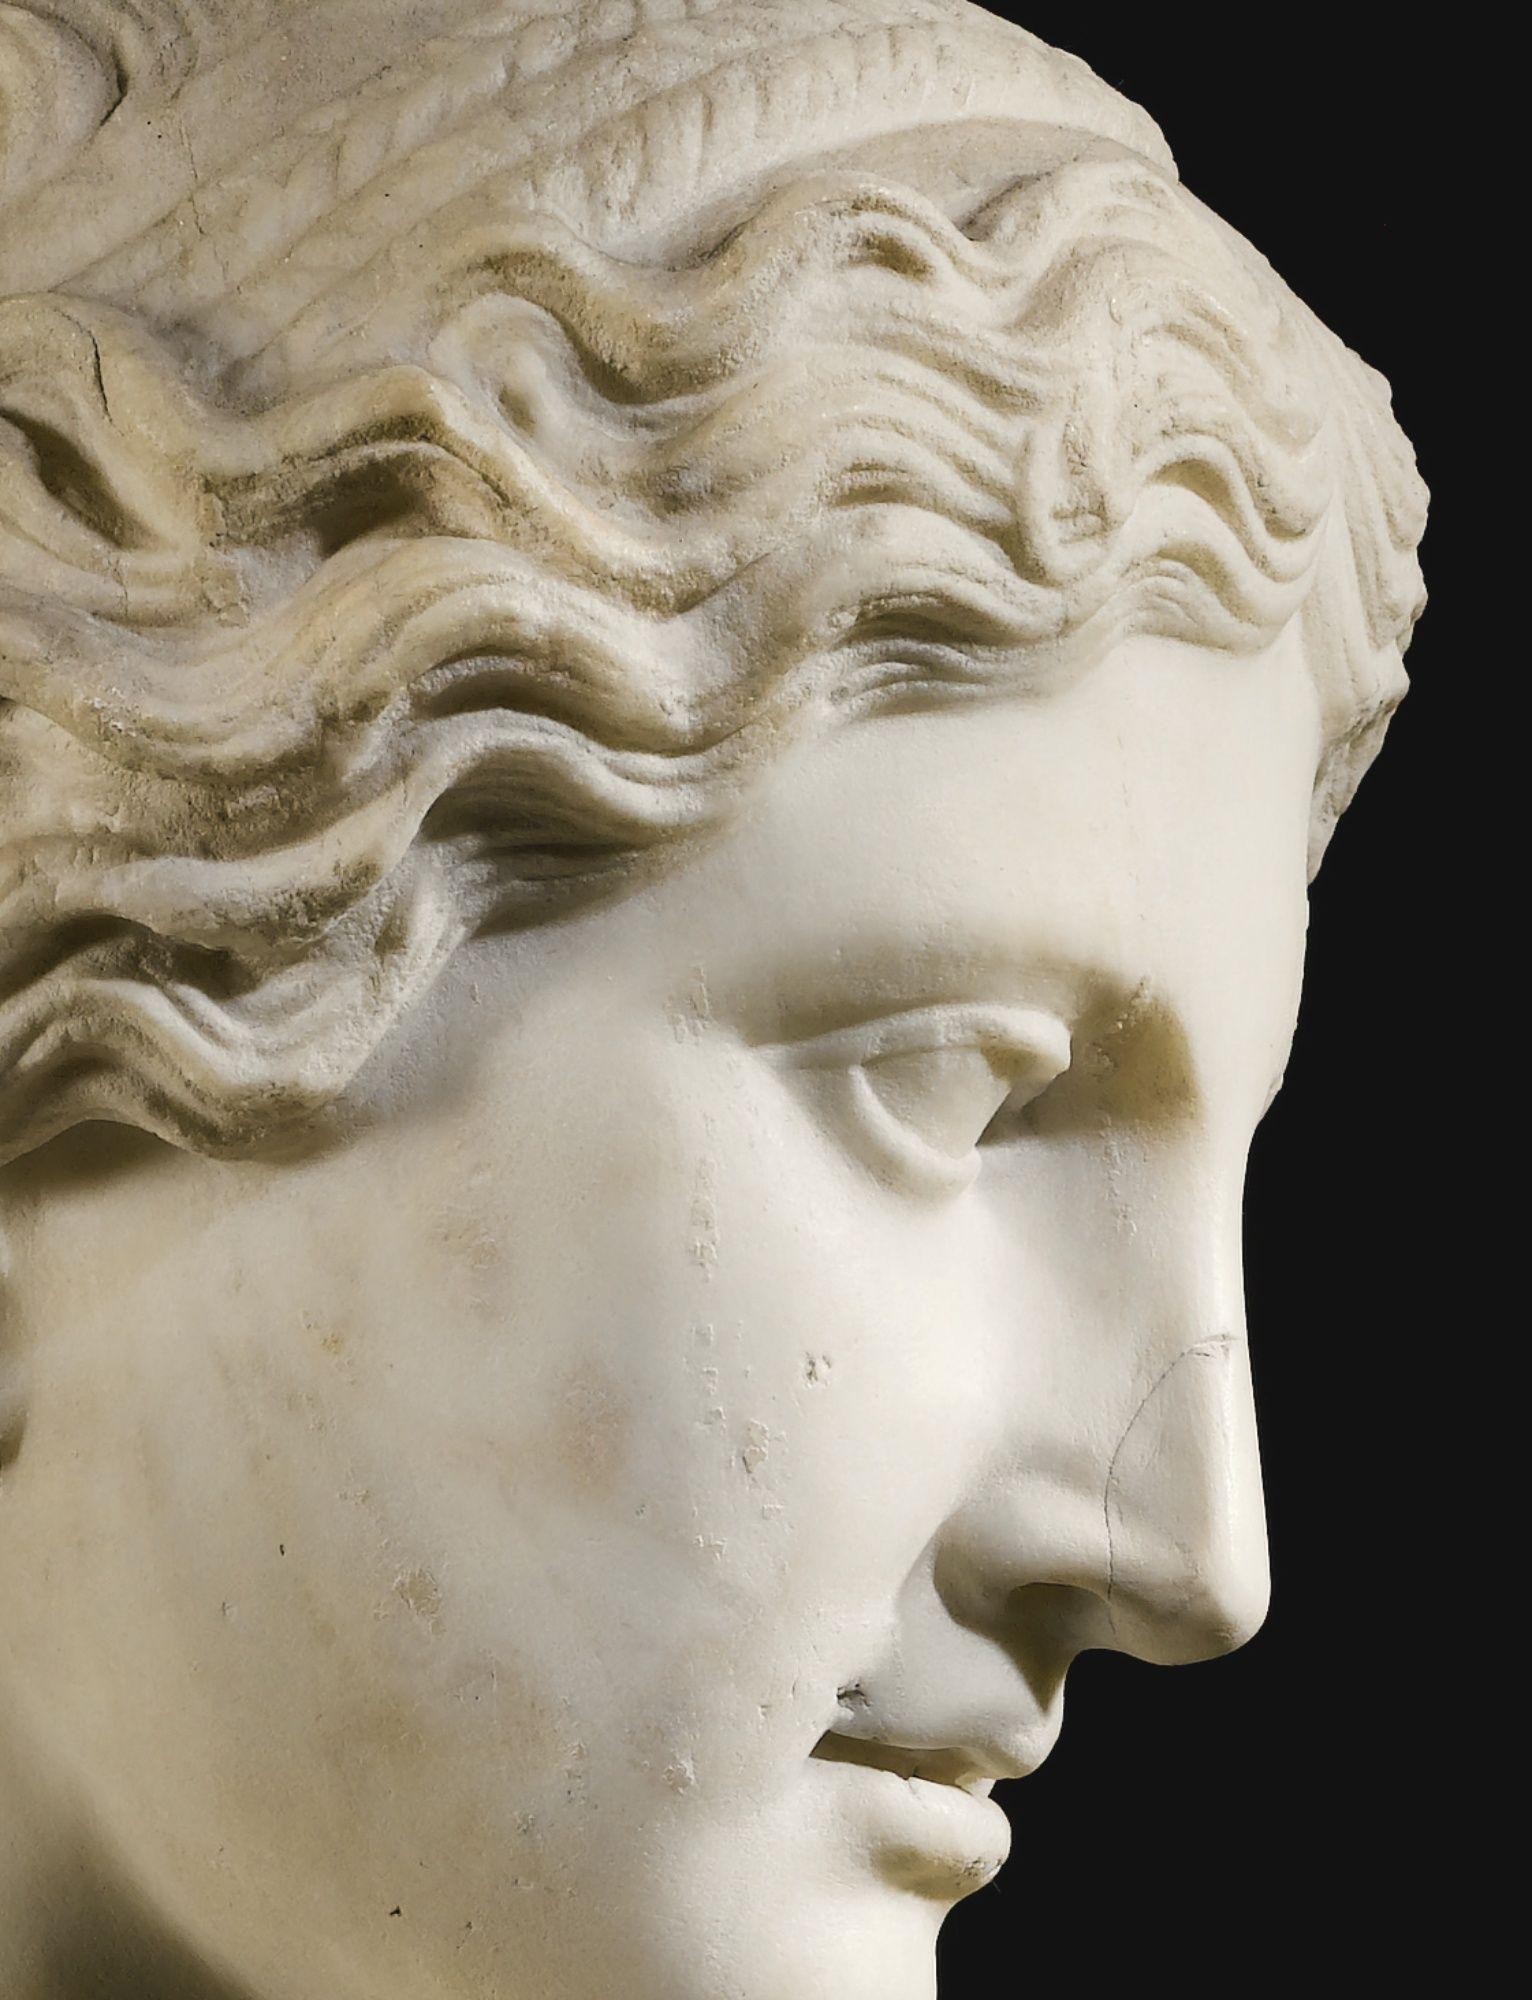 греческий профиль лица фото таблица салонов красоты